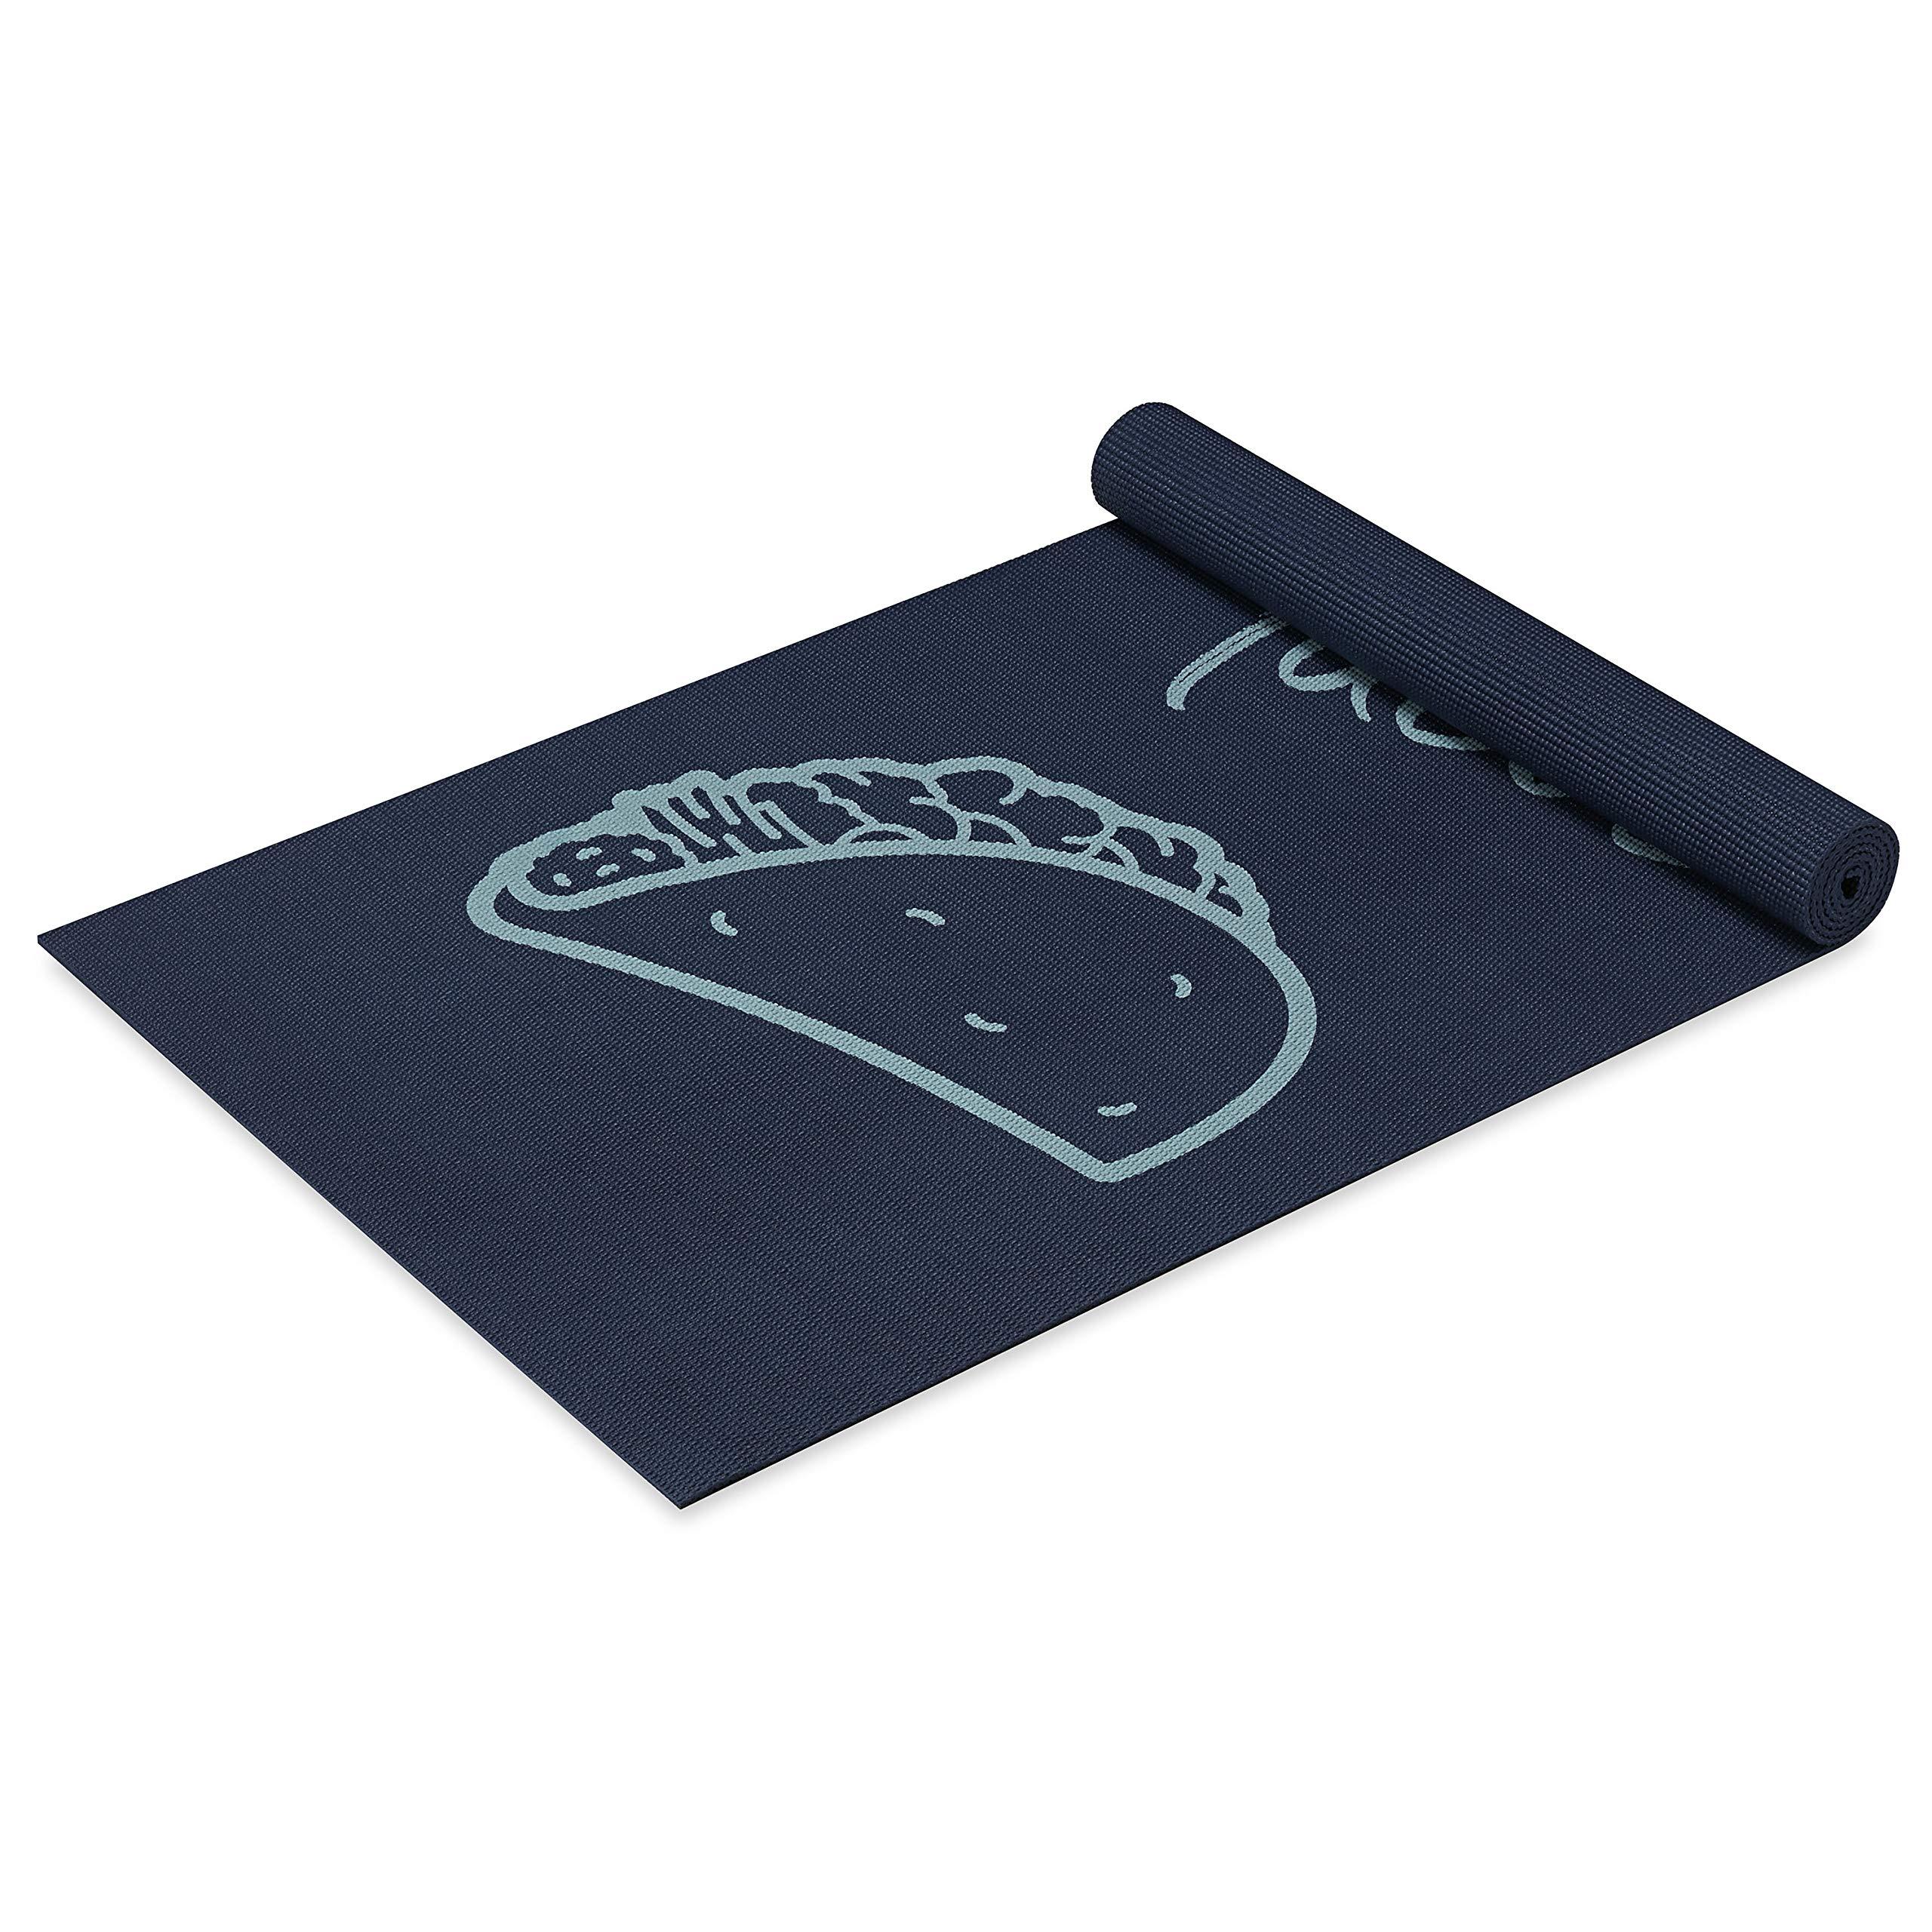 Wellfit Yoga Mat, Tacos, 4mm